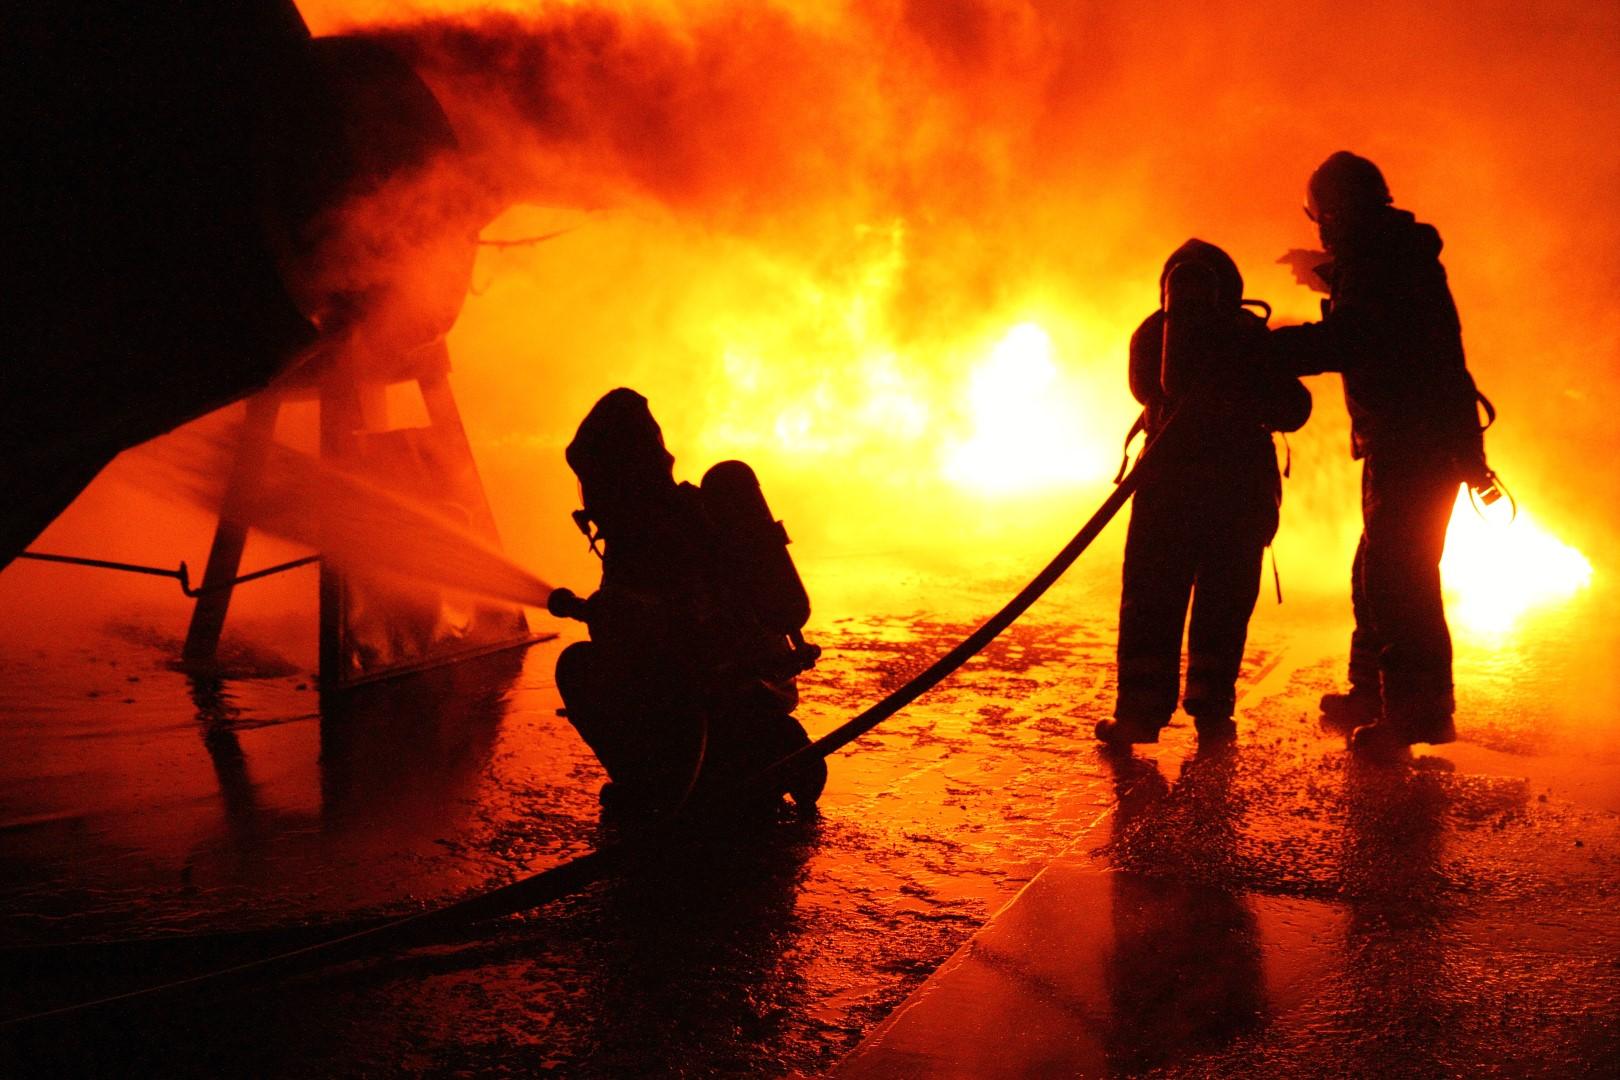 Foto: Svenske brandmænd forsøger at slukke ilden i indvandrerkvarter